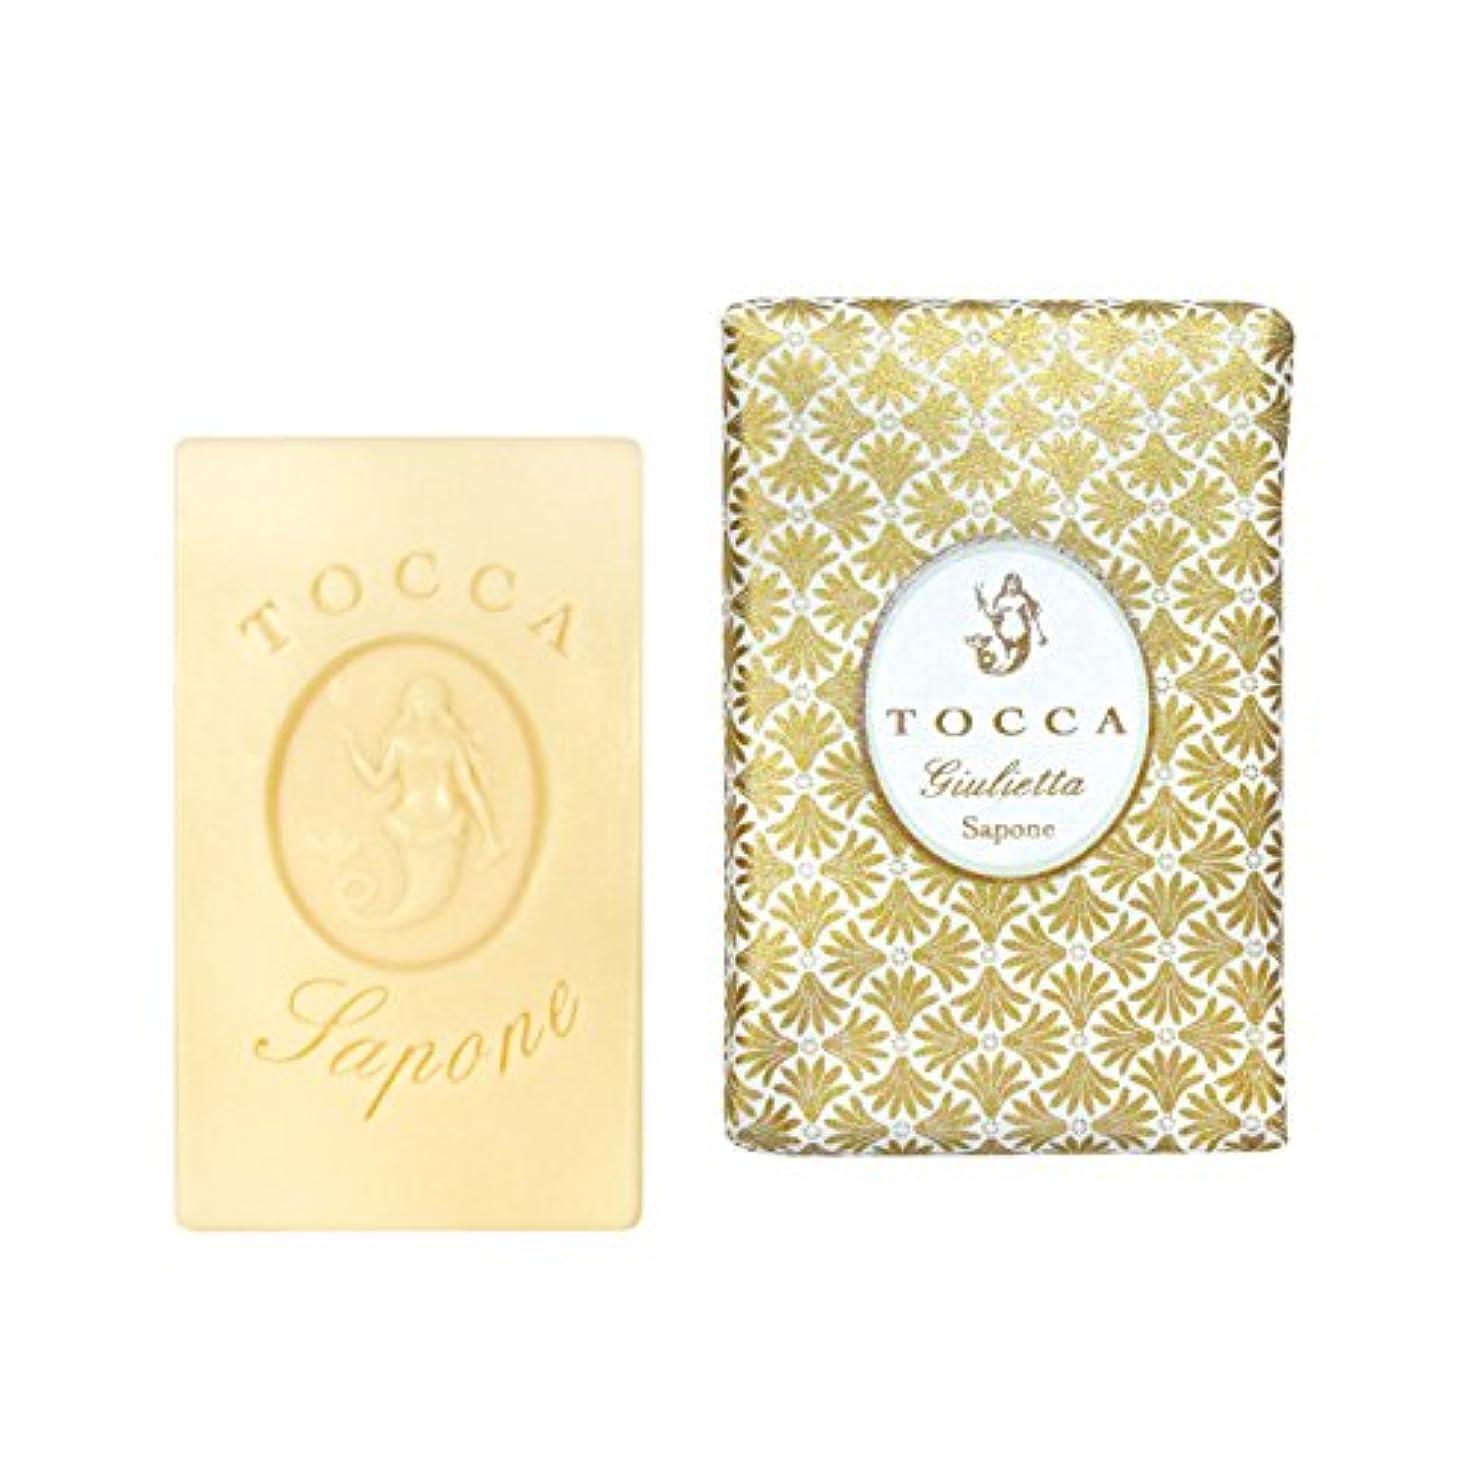 シュガーベッドたぶんトッカ(TOCCA) ソープバー ジュリエッタの香り 113g(化粧石けん ピンクチューリップとグリーンアップルの爽やかで甘い香り)